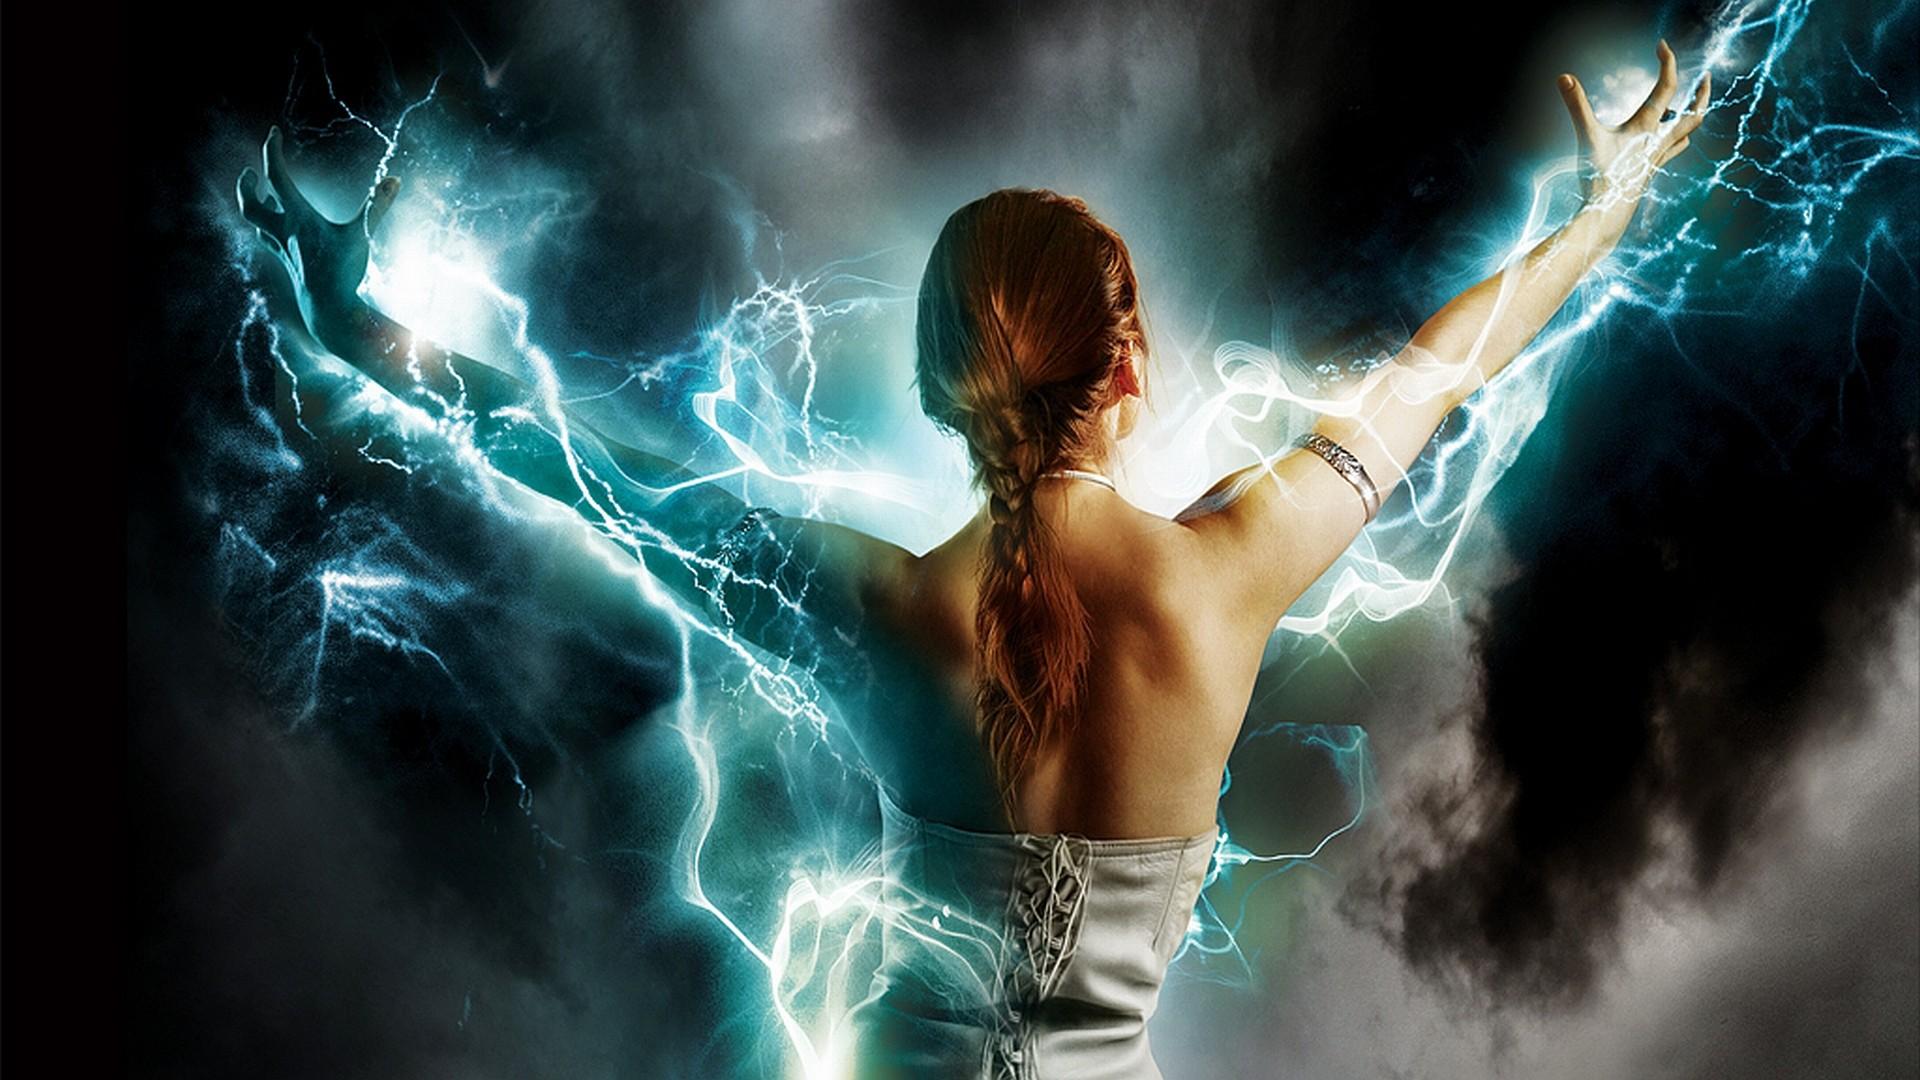 как забрать энергию через фото марка лучше насколько